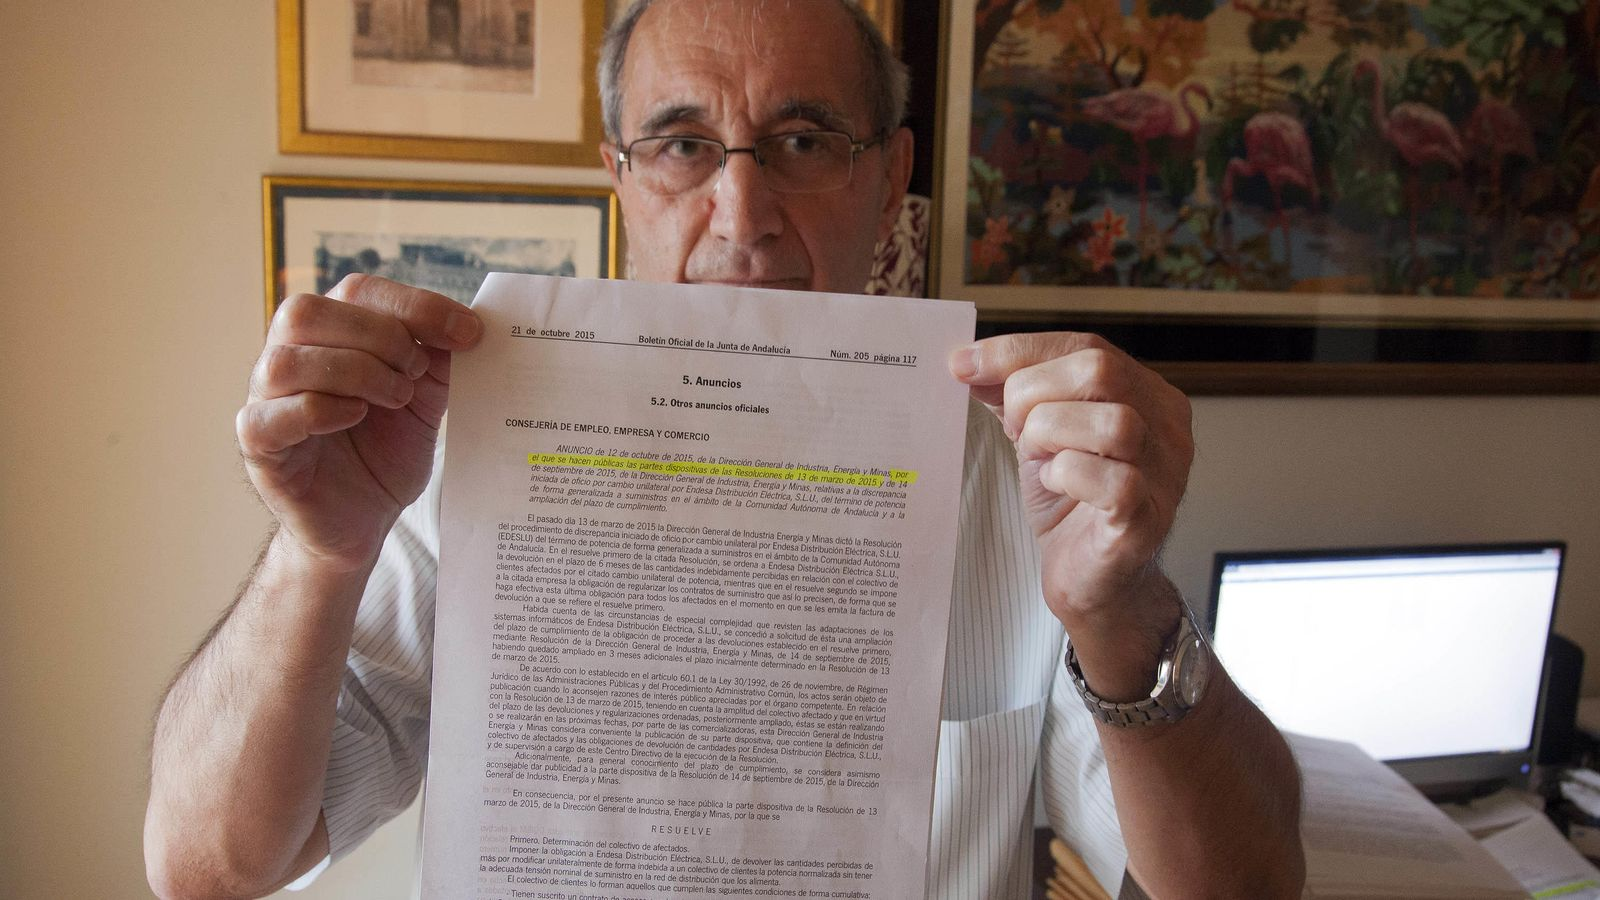 Foto: Antonio Moreno Alfaro, en una imagen de archivo. (Fernando Ruso)